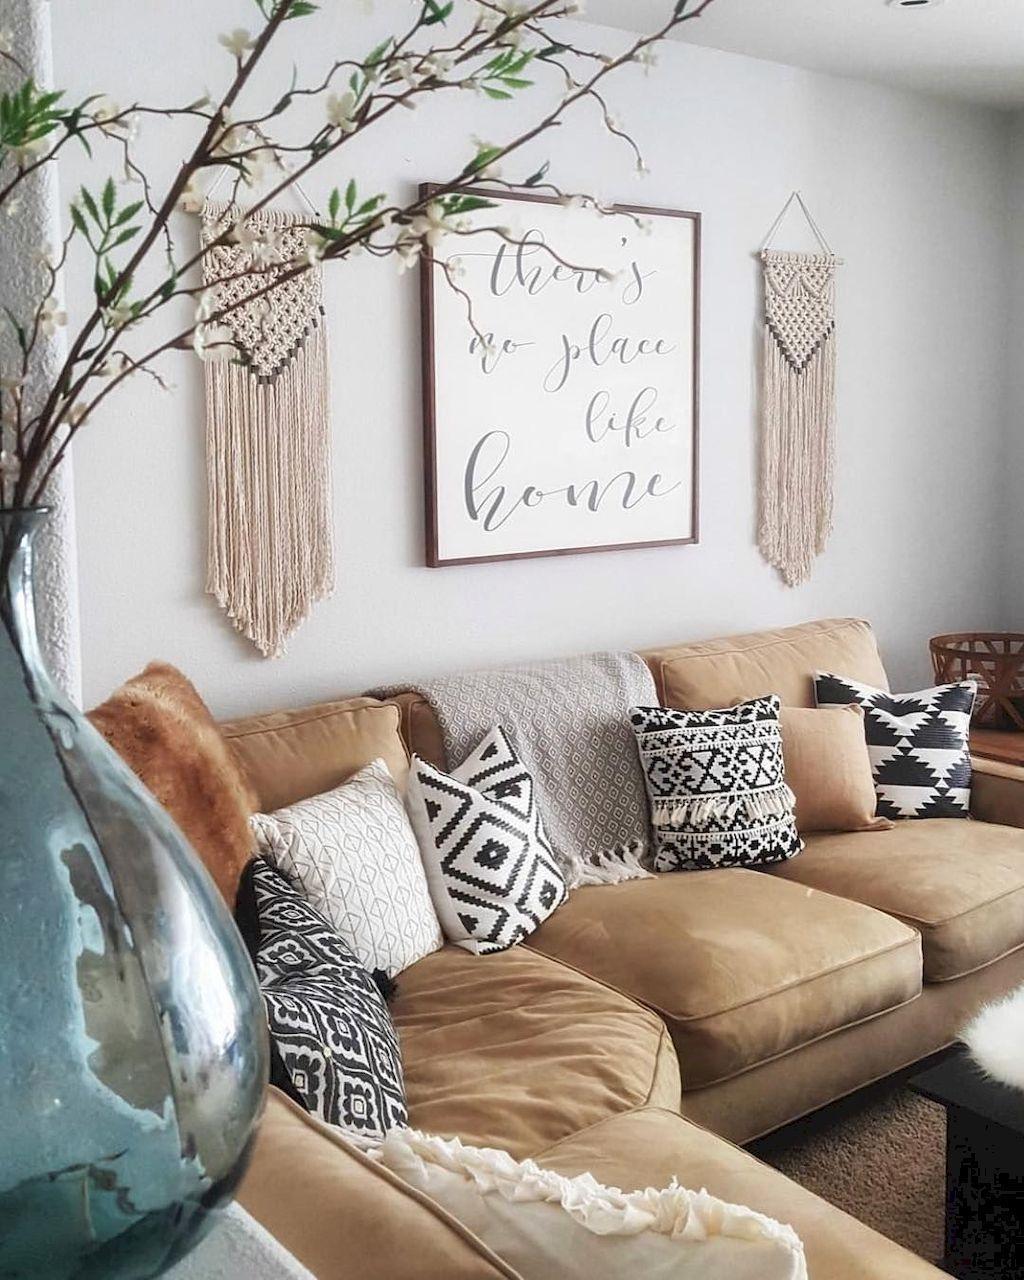 95 cozy modern farmhouse style living room decor ideas